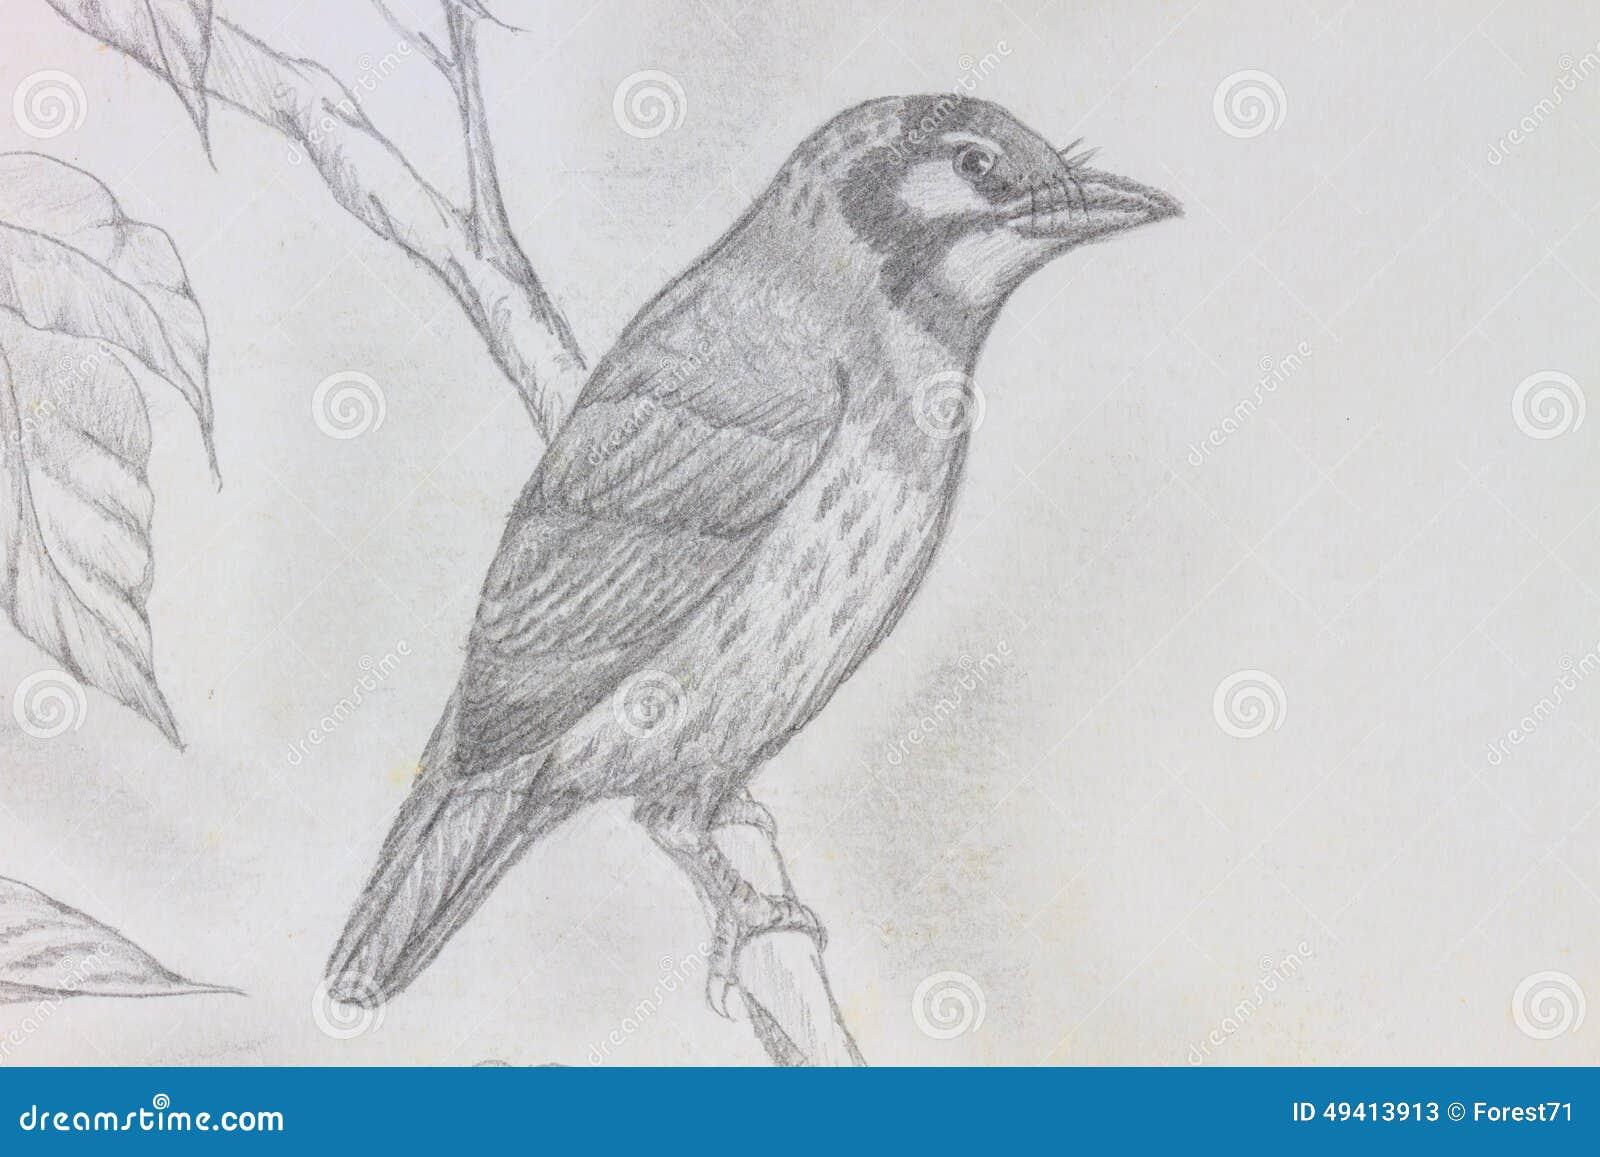 Download Vogelzeichnung stock abbildung. Illustration von zeile - 49413913